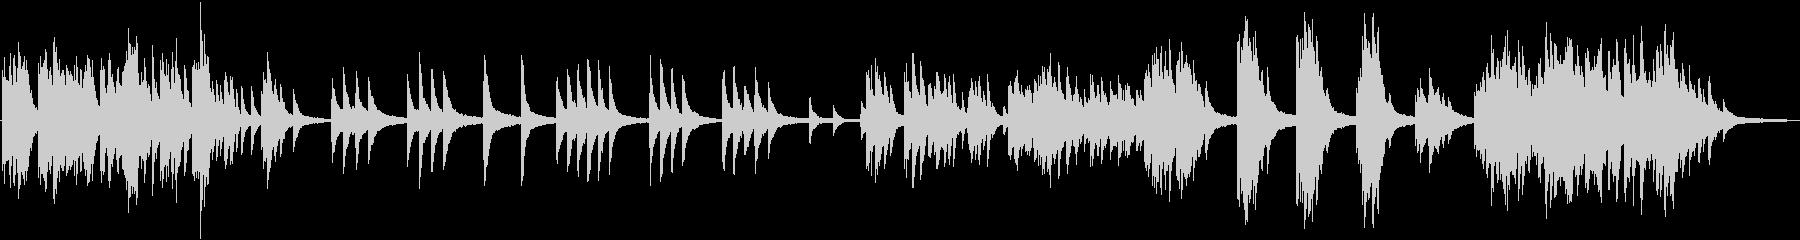 哀愁あるピアノ曲の未再生の波形